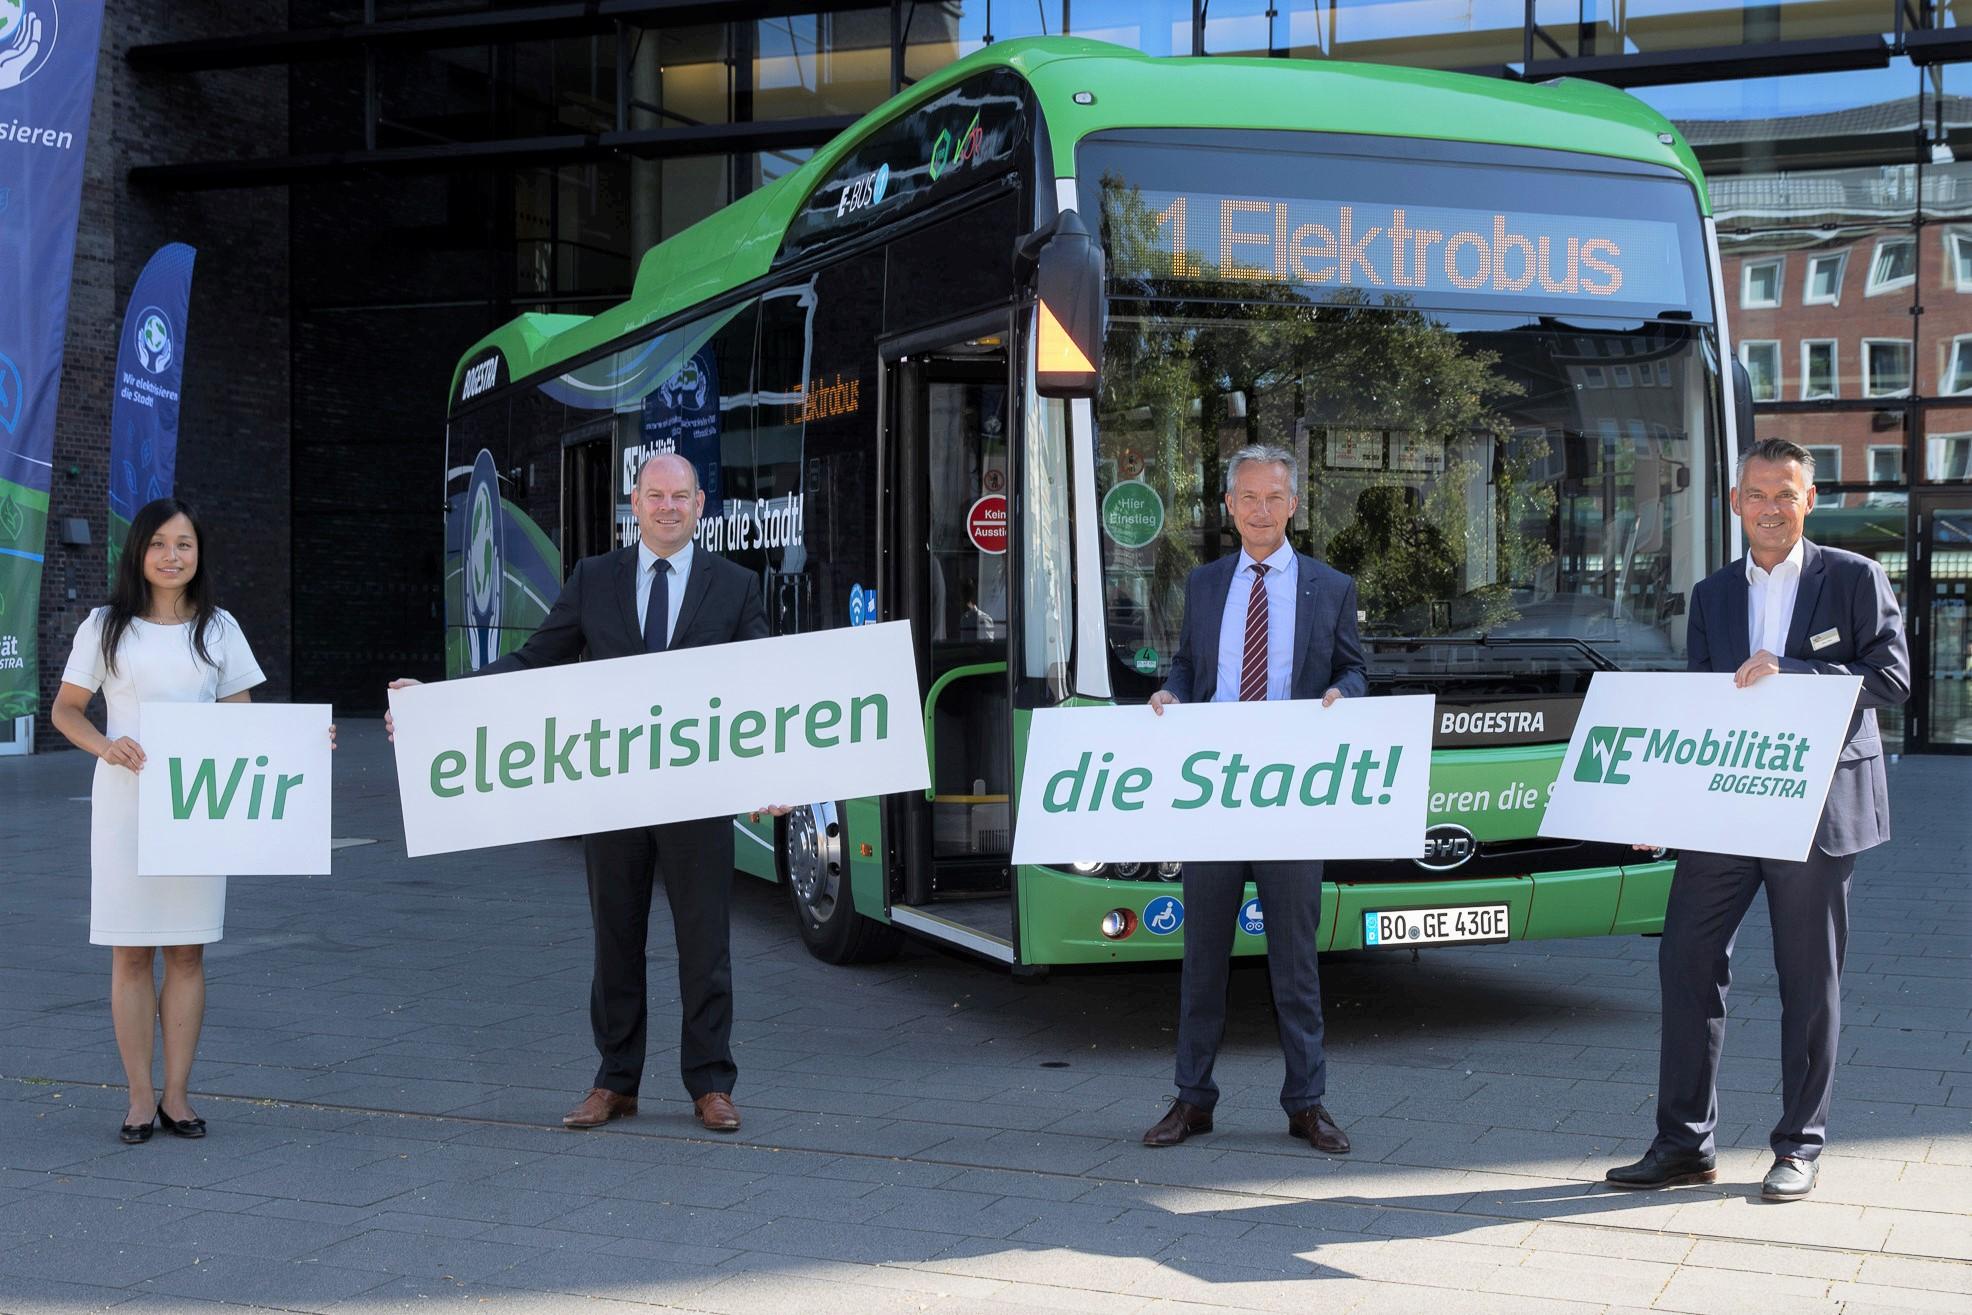 Bogestra: Erster Elektrobus für Gelsenkirchen